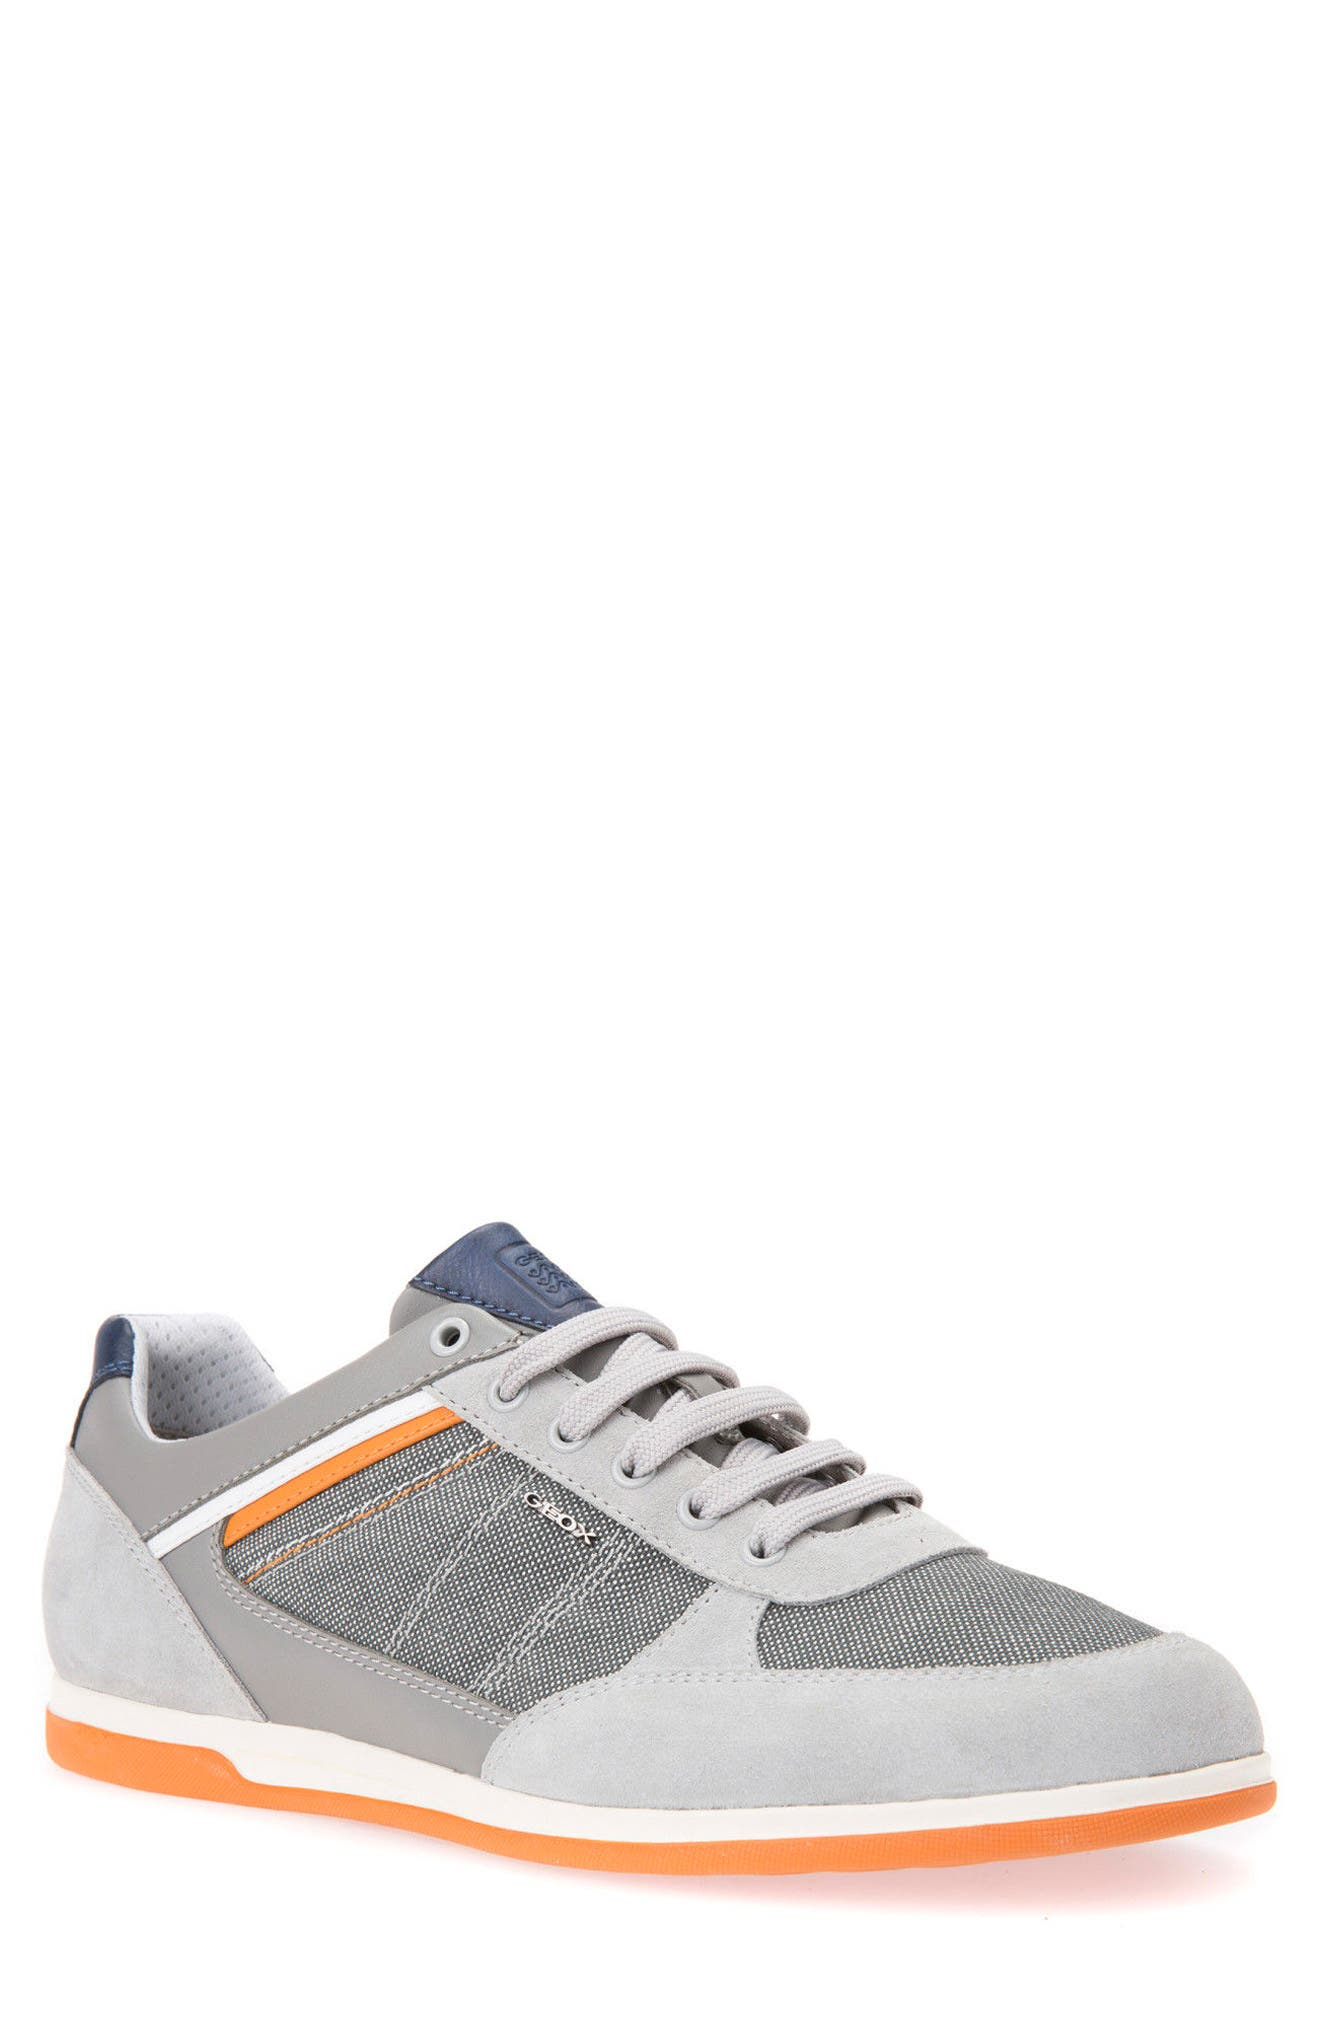 Renan 1 Low Top Sneaker,                         Main,                         color, 030